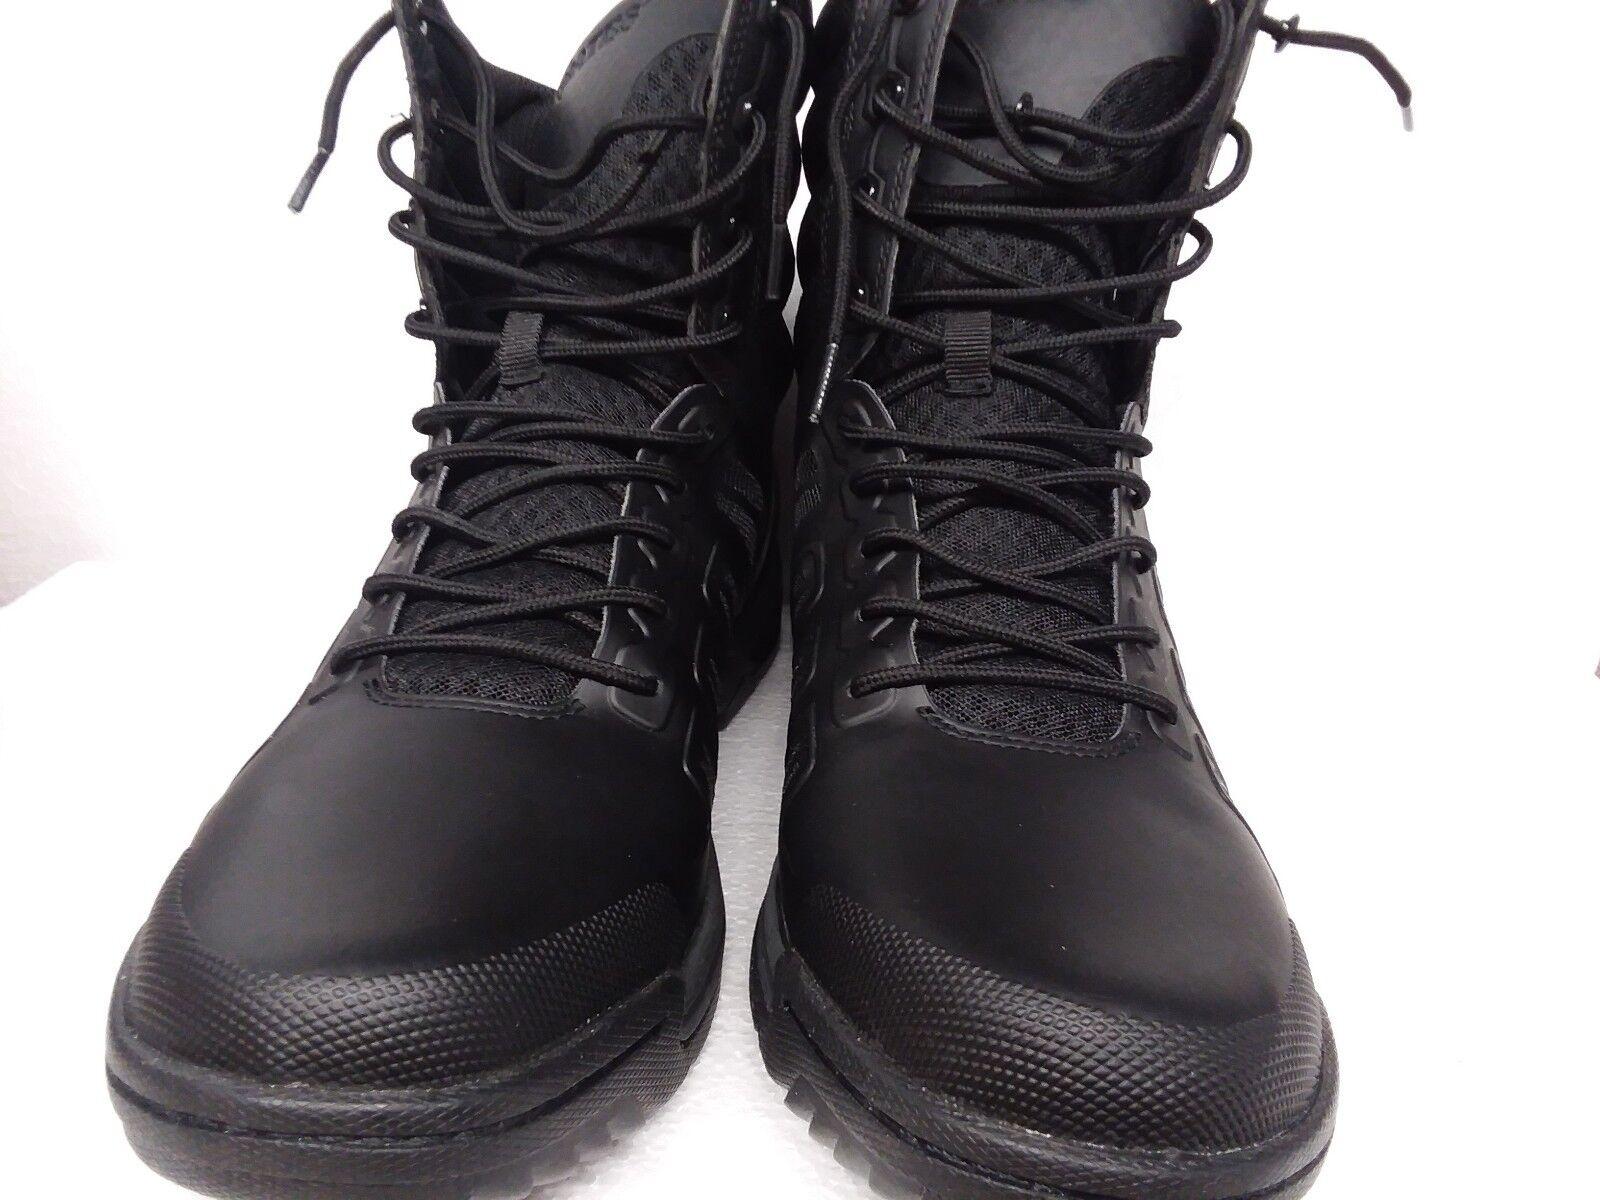 Bates Para hombre SRT 7 in (approx. 17.78 cm) botas de trabajo, Duraflex Malla, Negro, nosotros; 10 M